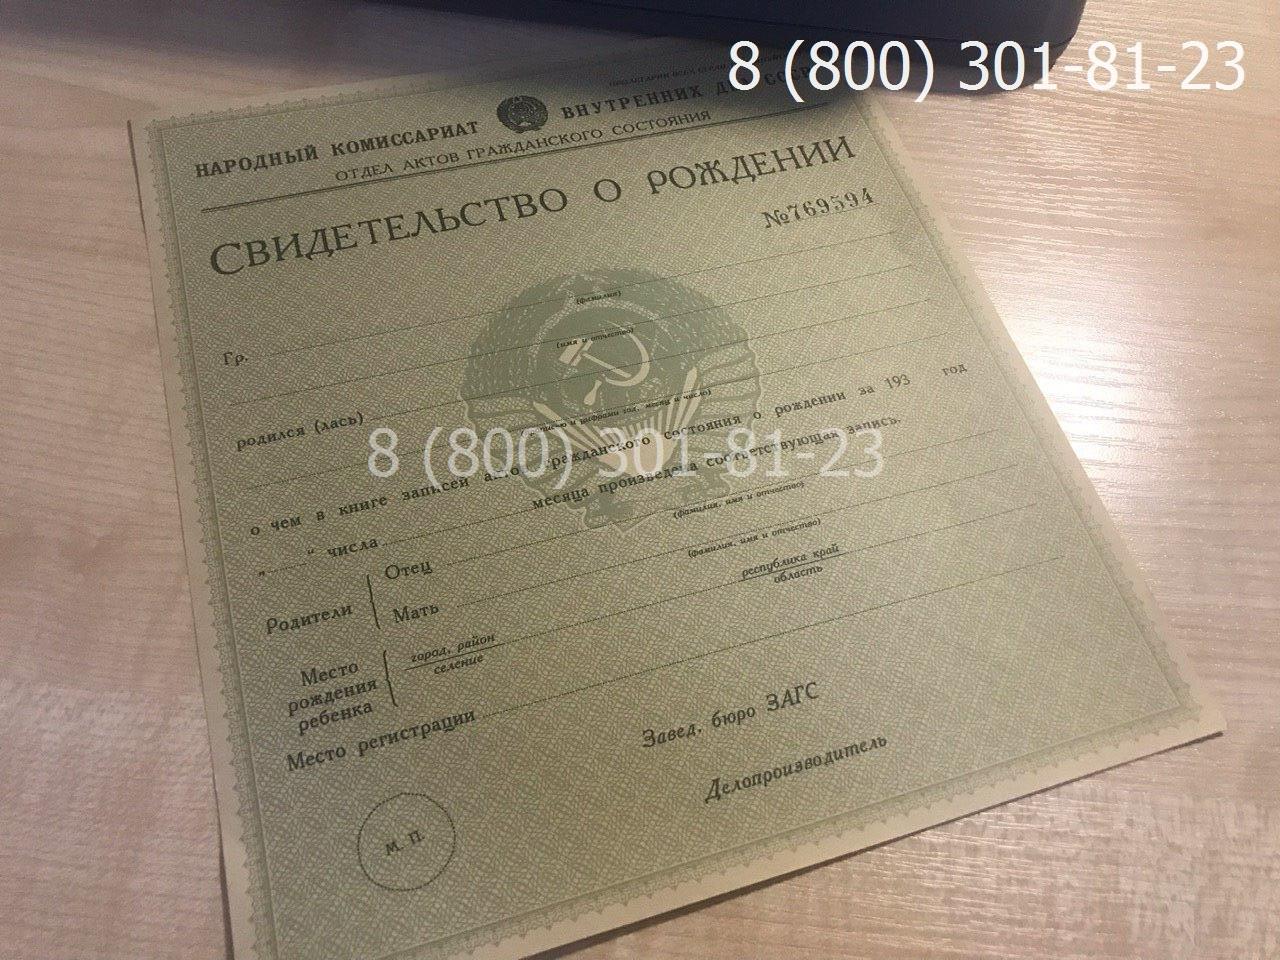 Свидетельство о рождении СССР 1930-1939 годов, образец-1